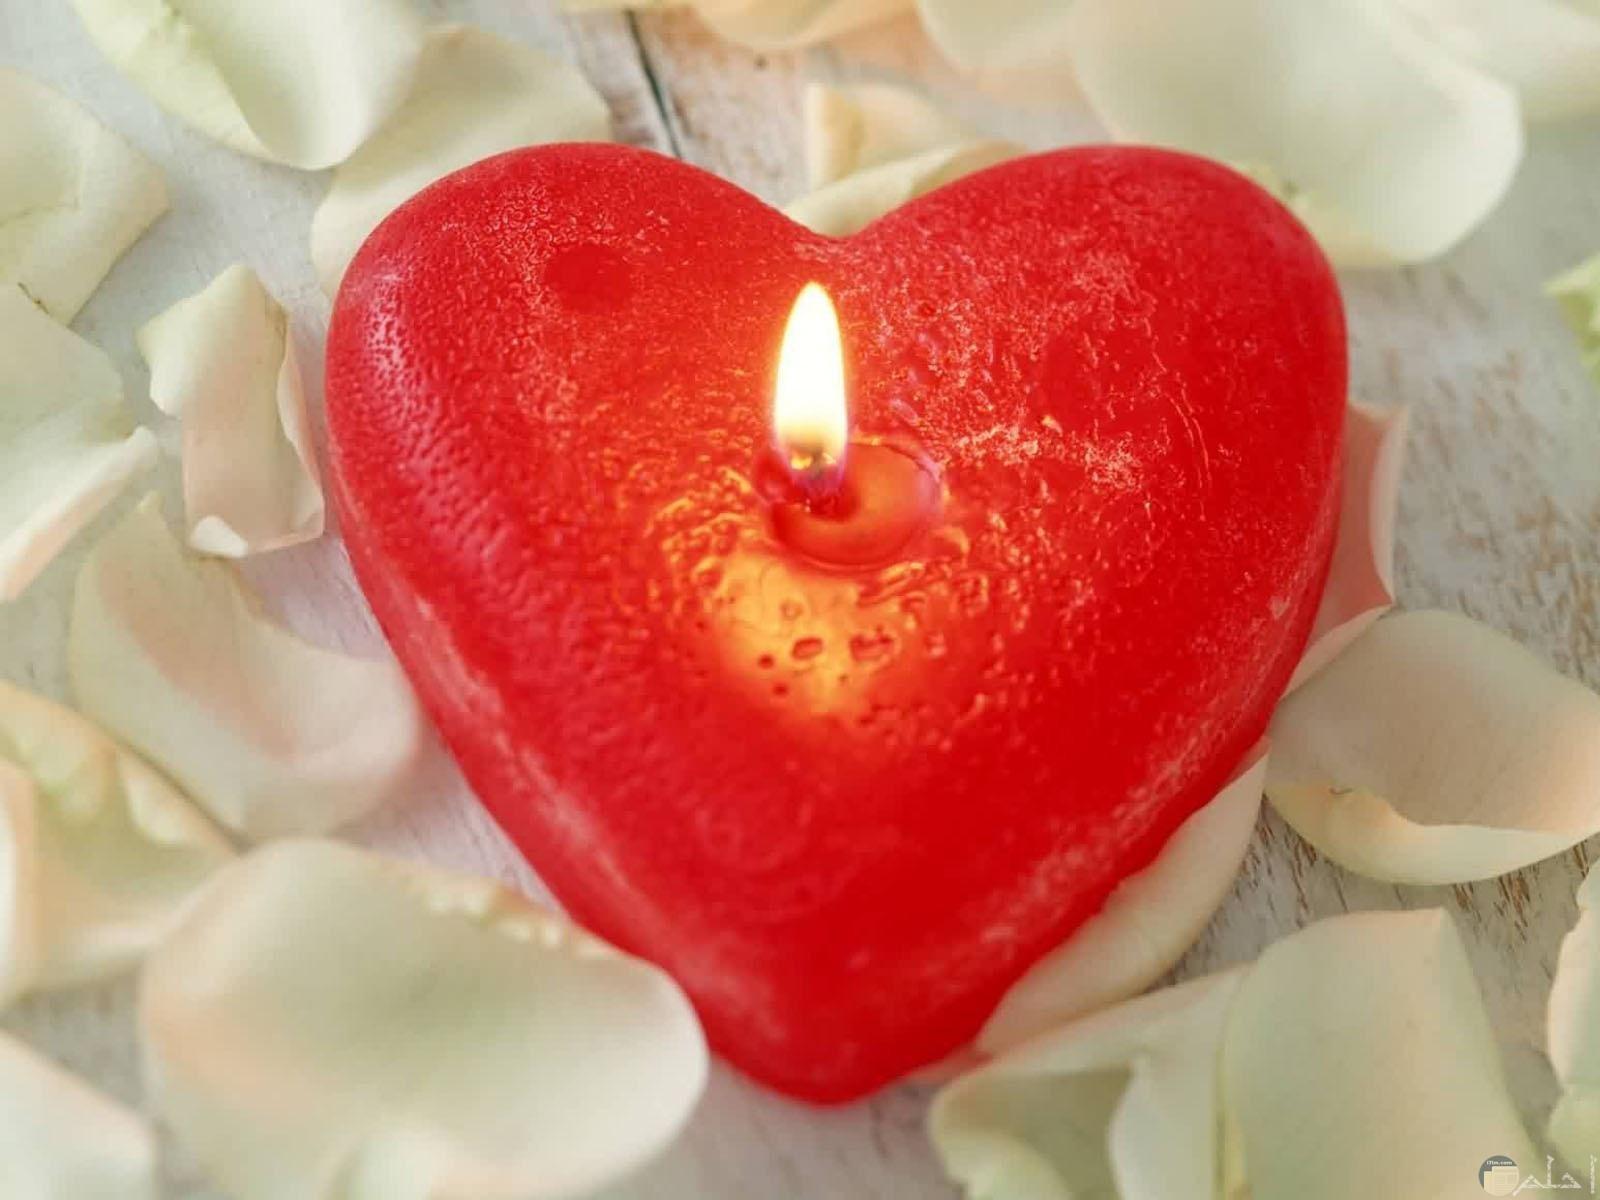 شمعه على هيئه قلب احمر مضيئة